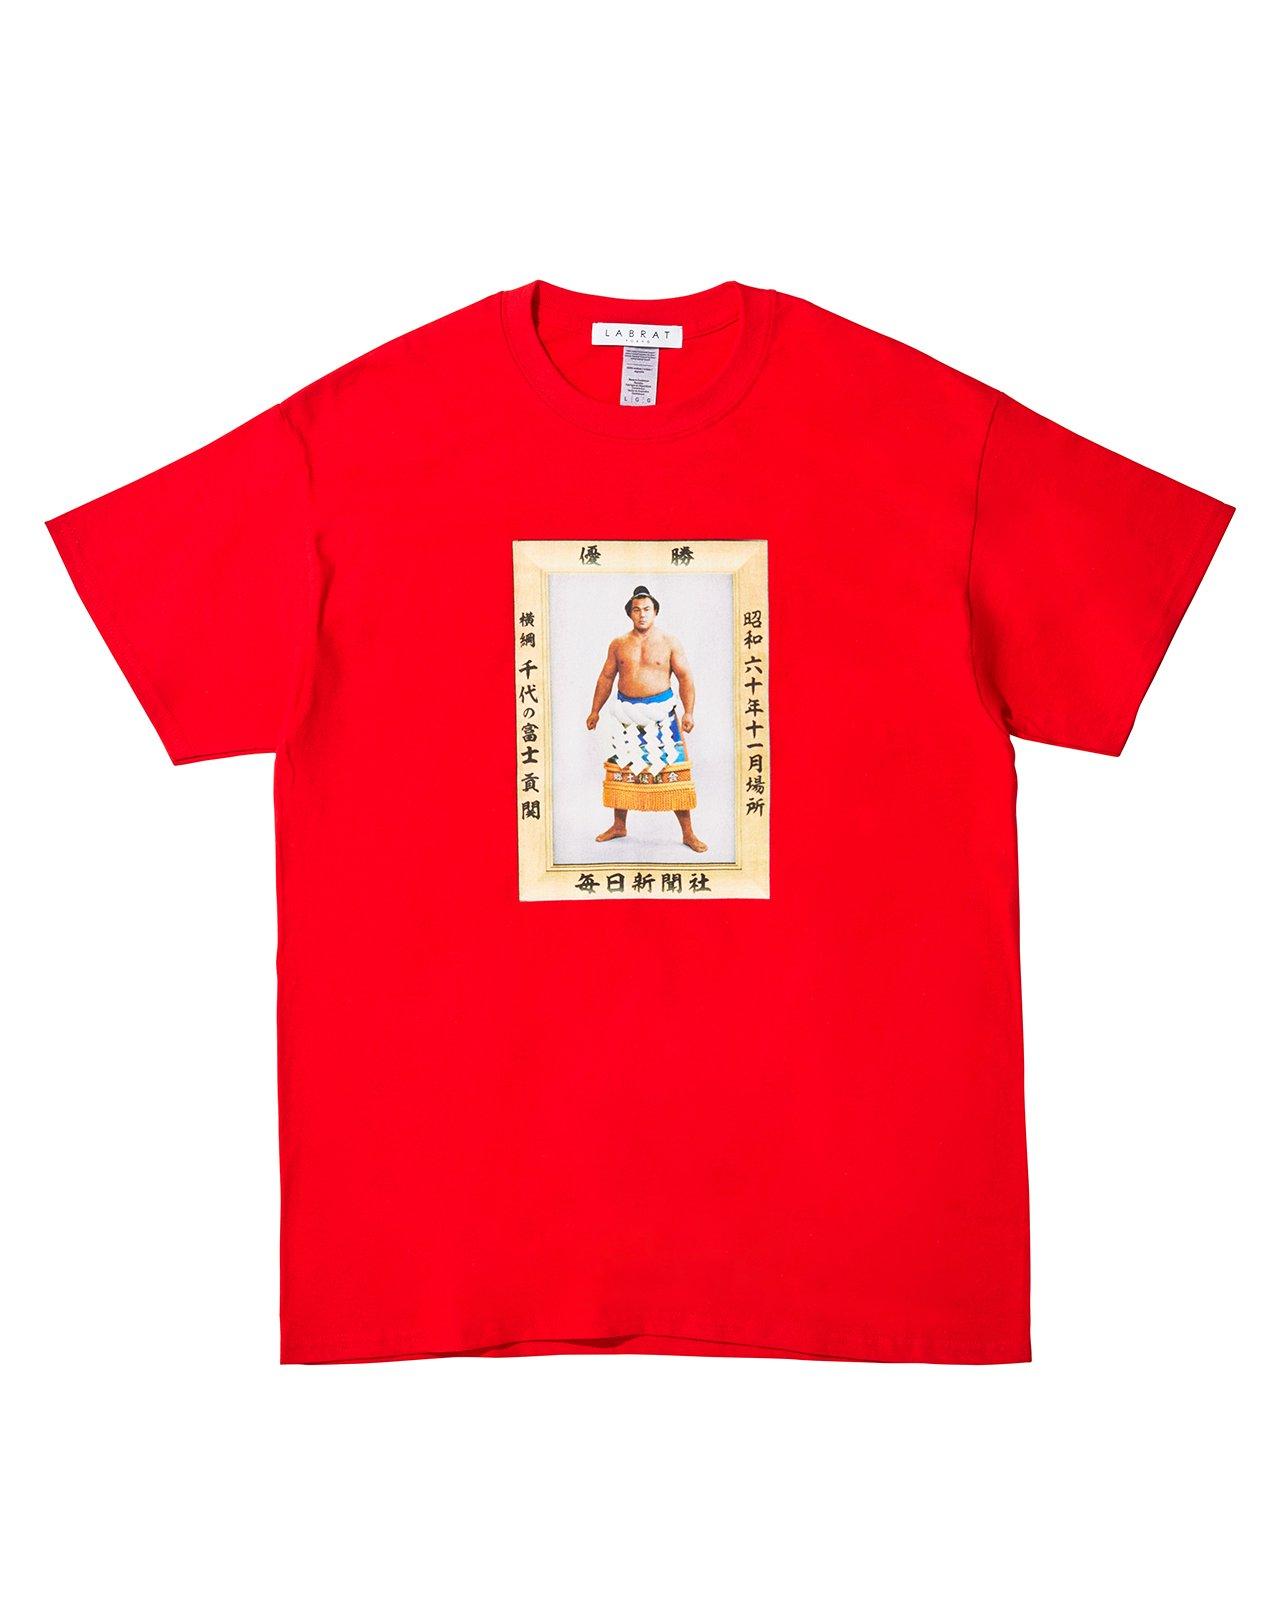 千代の富士 for LABRAT JR両国駅限定販売 Tシャツ(RED)(size: S〜XL)